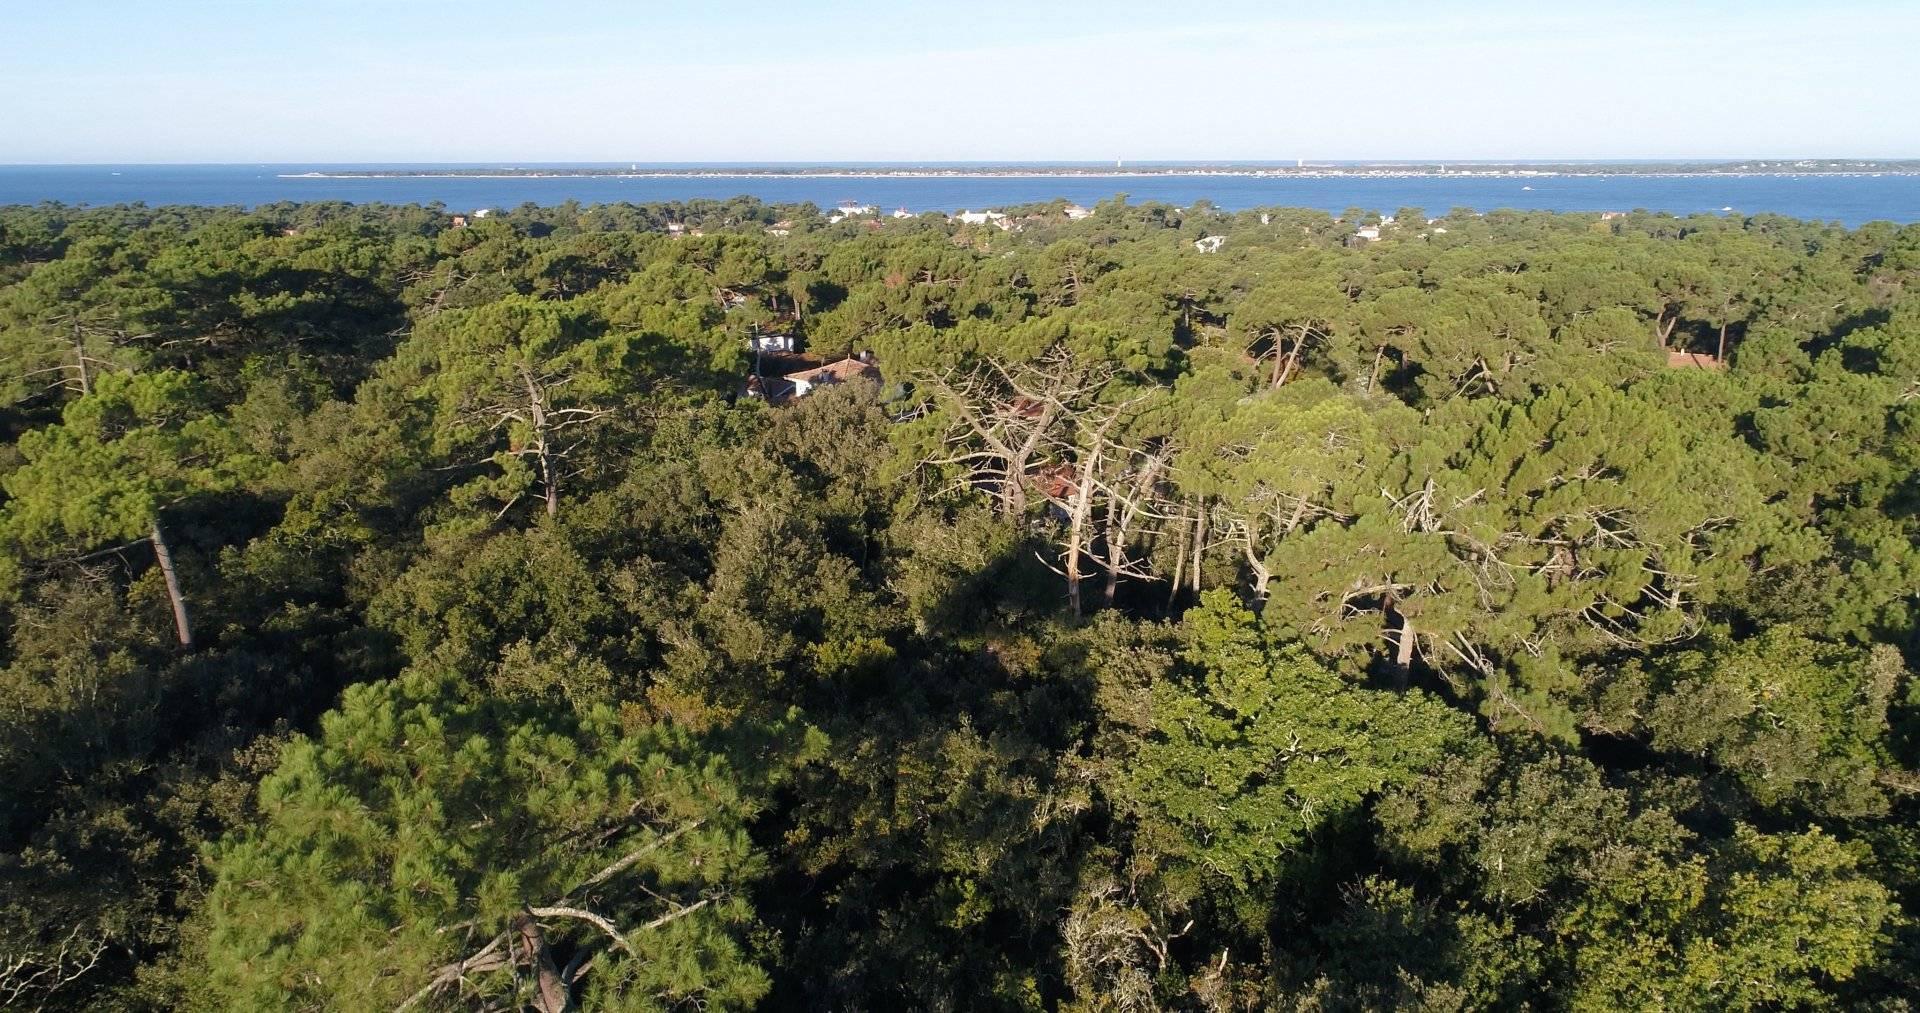 Vente terrain constructible viabilisé plus 1000 m2 pyla sur mer